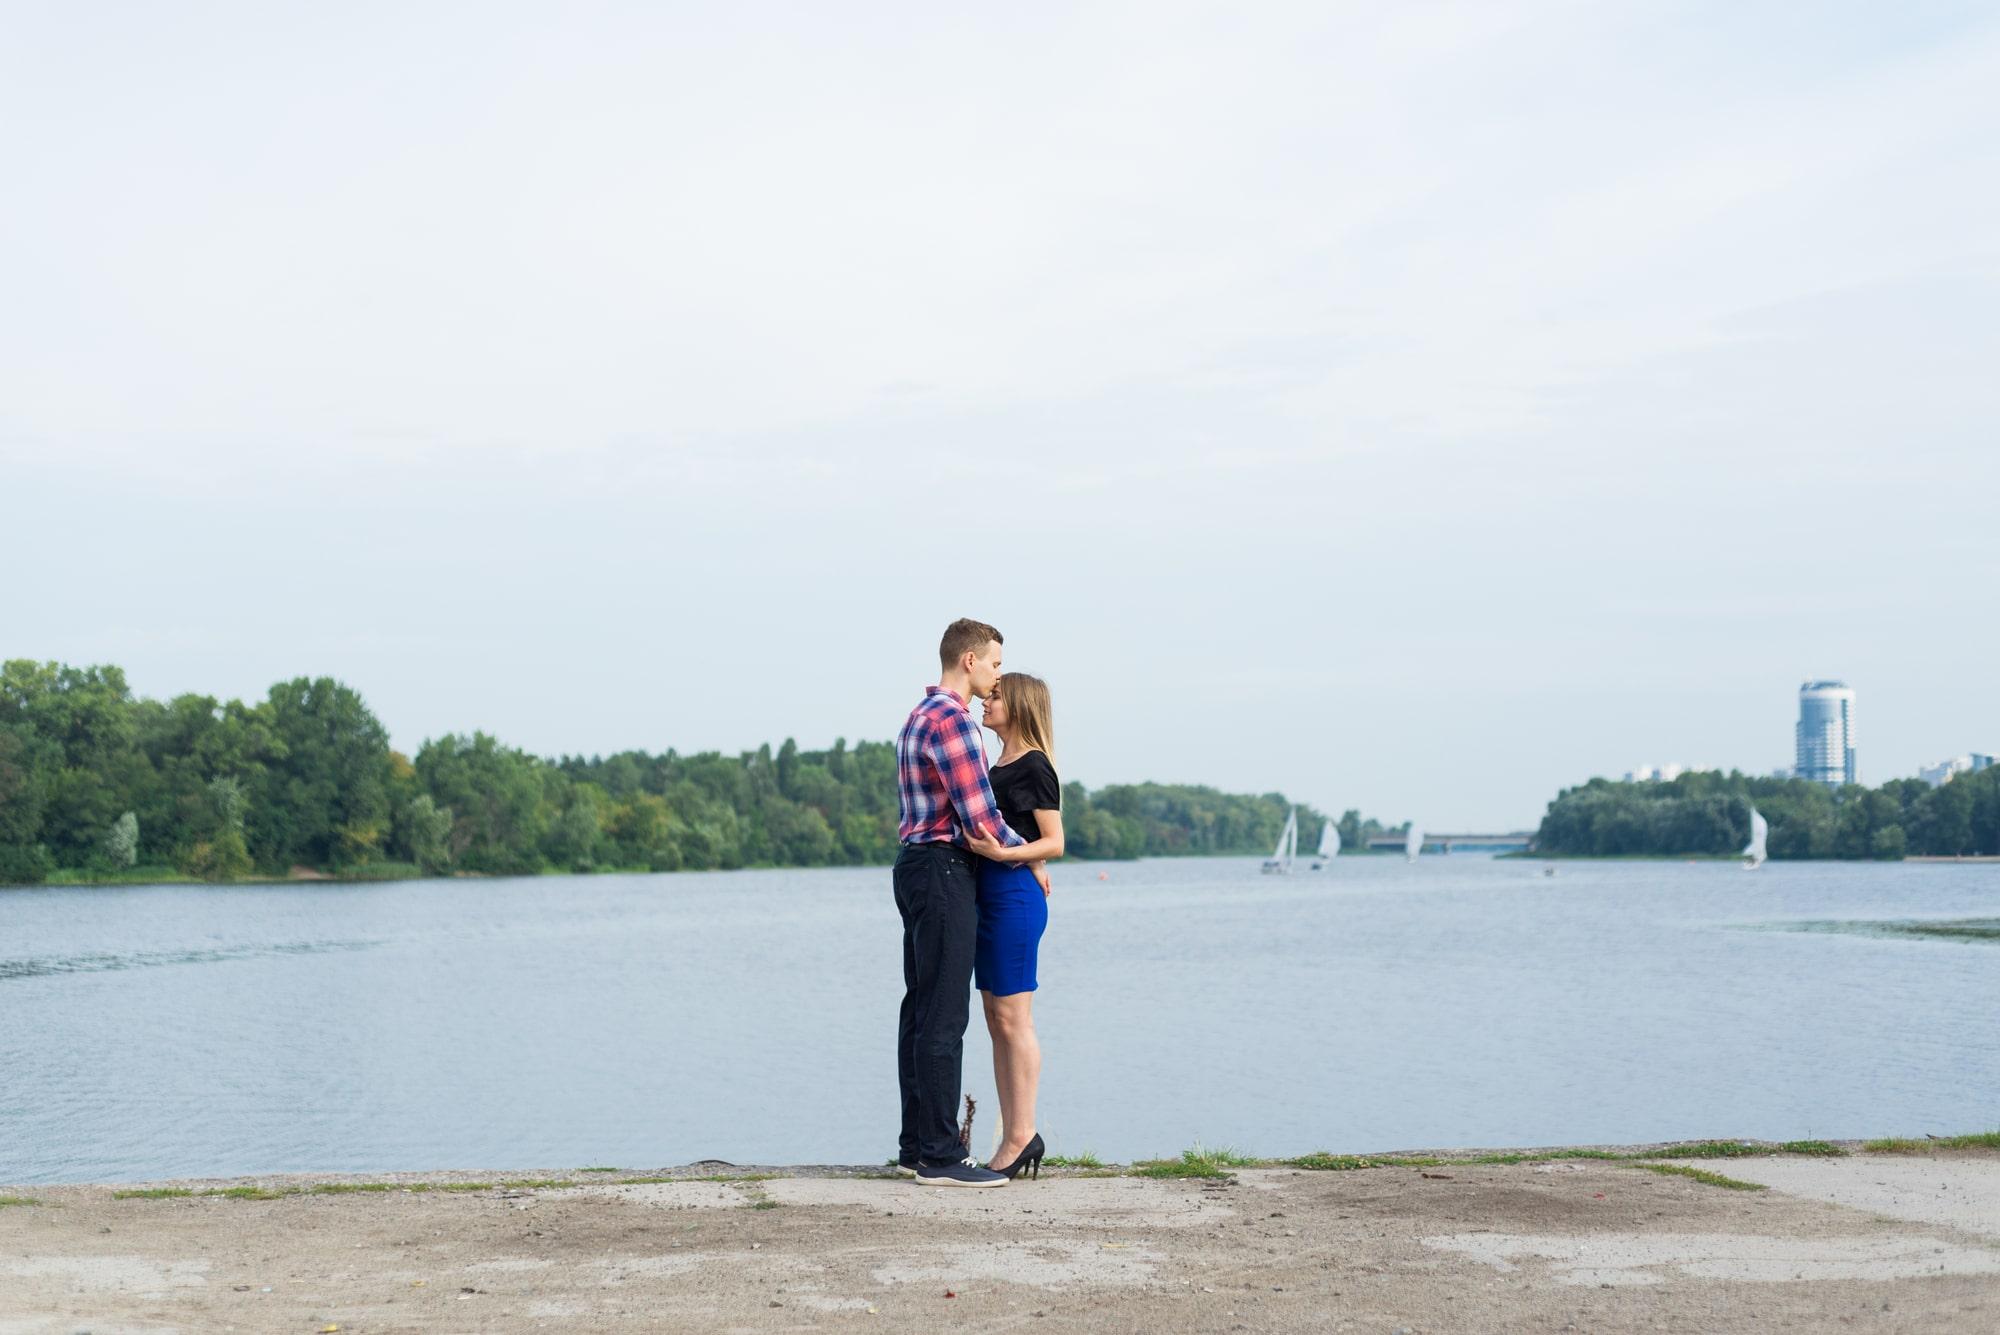 Фотосессия Love Story в Киеве - обнимашки возле реки